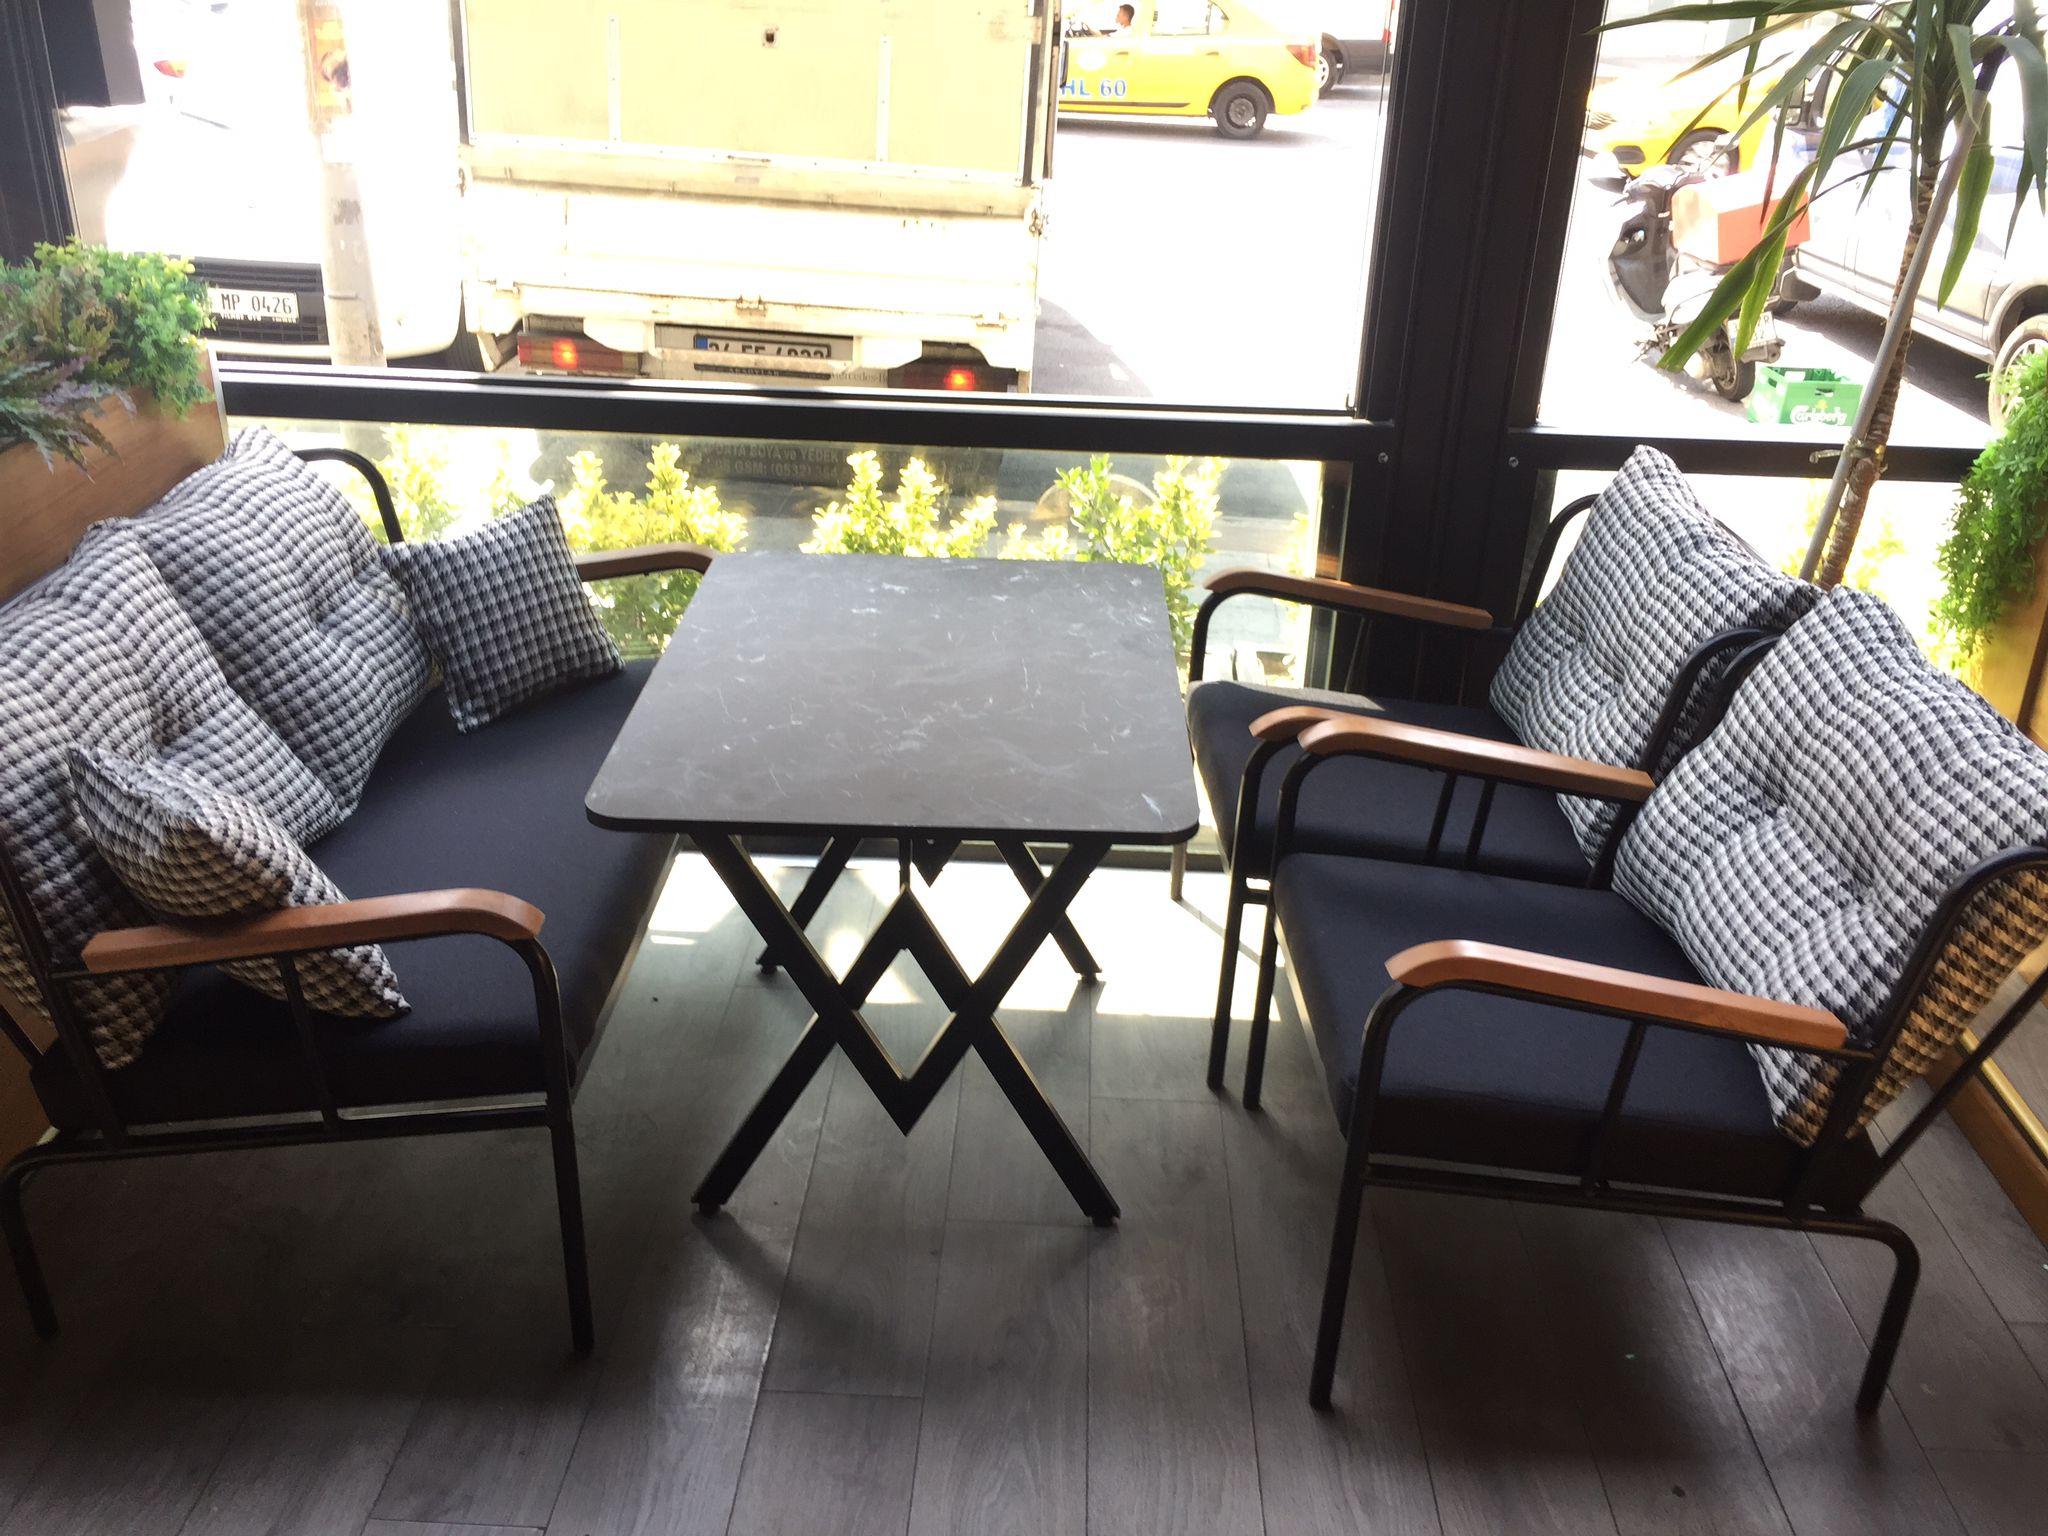 Zengin model çeşitleri, yüksek kalite, müşteri odaklı hizmet anlayışı, üretici firma güvencesi ve uygun fiyat garantisiyle... Nuh design her mekana, konsepte ve zevke cevap verebilen tasarımlarıyla Restaurant masa sedir koltuk takımlarıyla hizmetinizde.